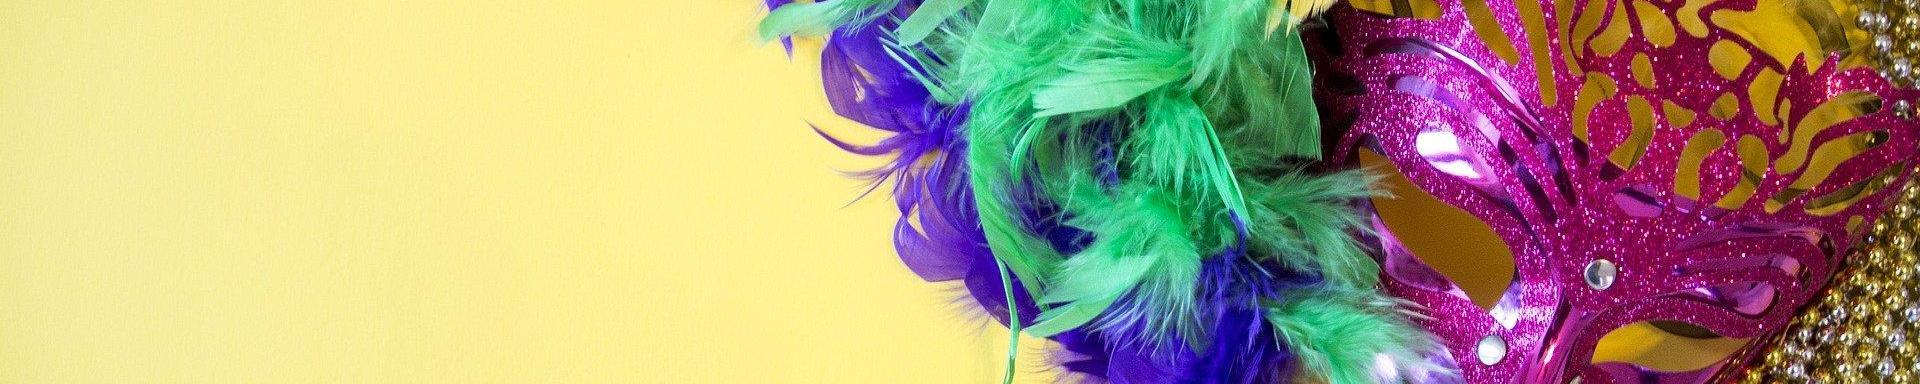 Sentimiento carnavalero: regalos personalizados de Carnaval